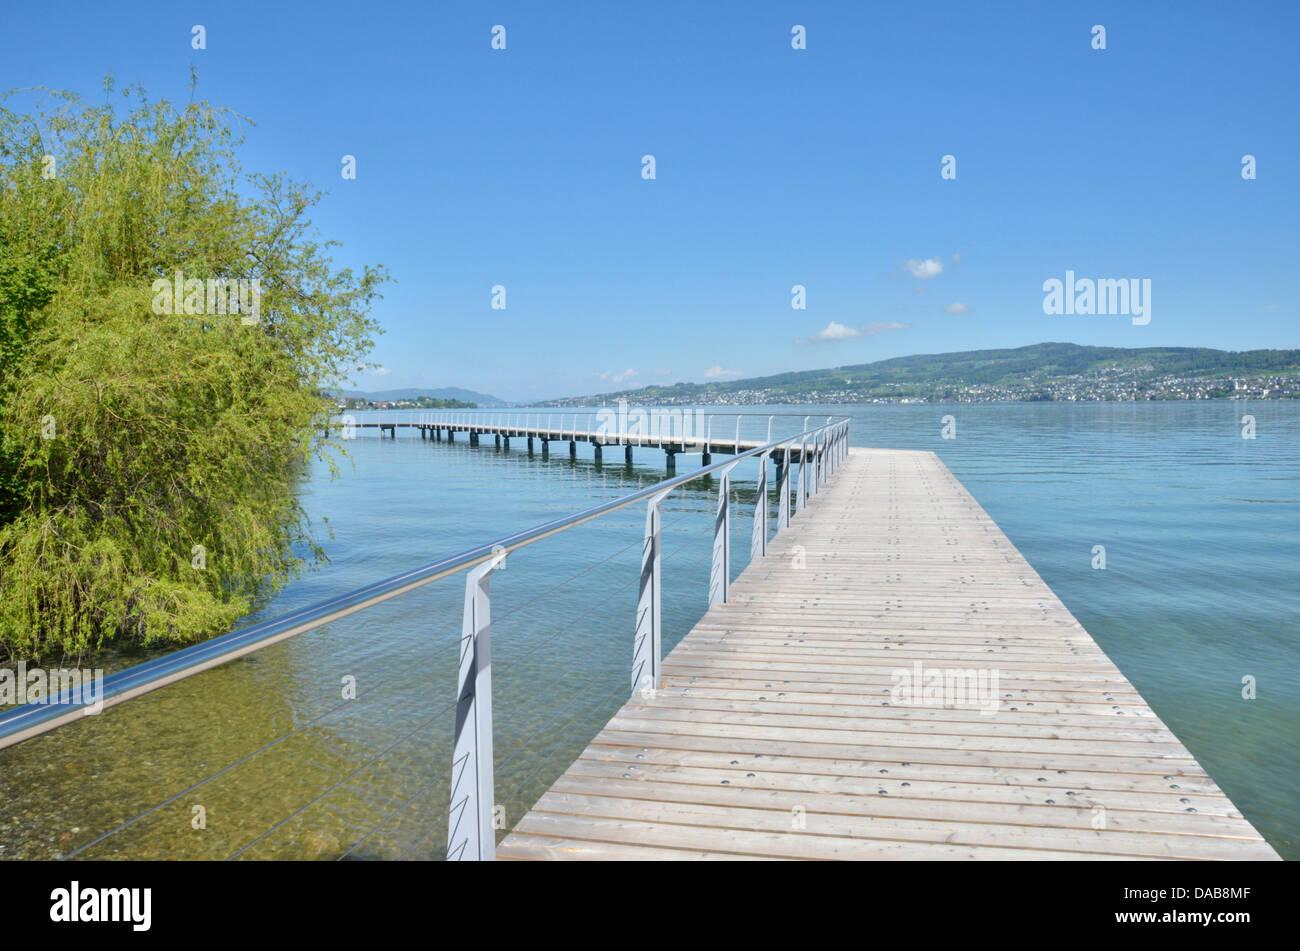 Wooden causeway on Lake Zurich near Wädenswil, Switzerland - Stock Image